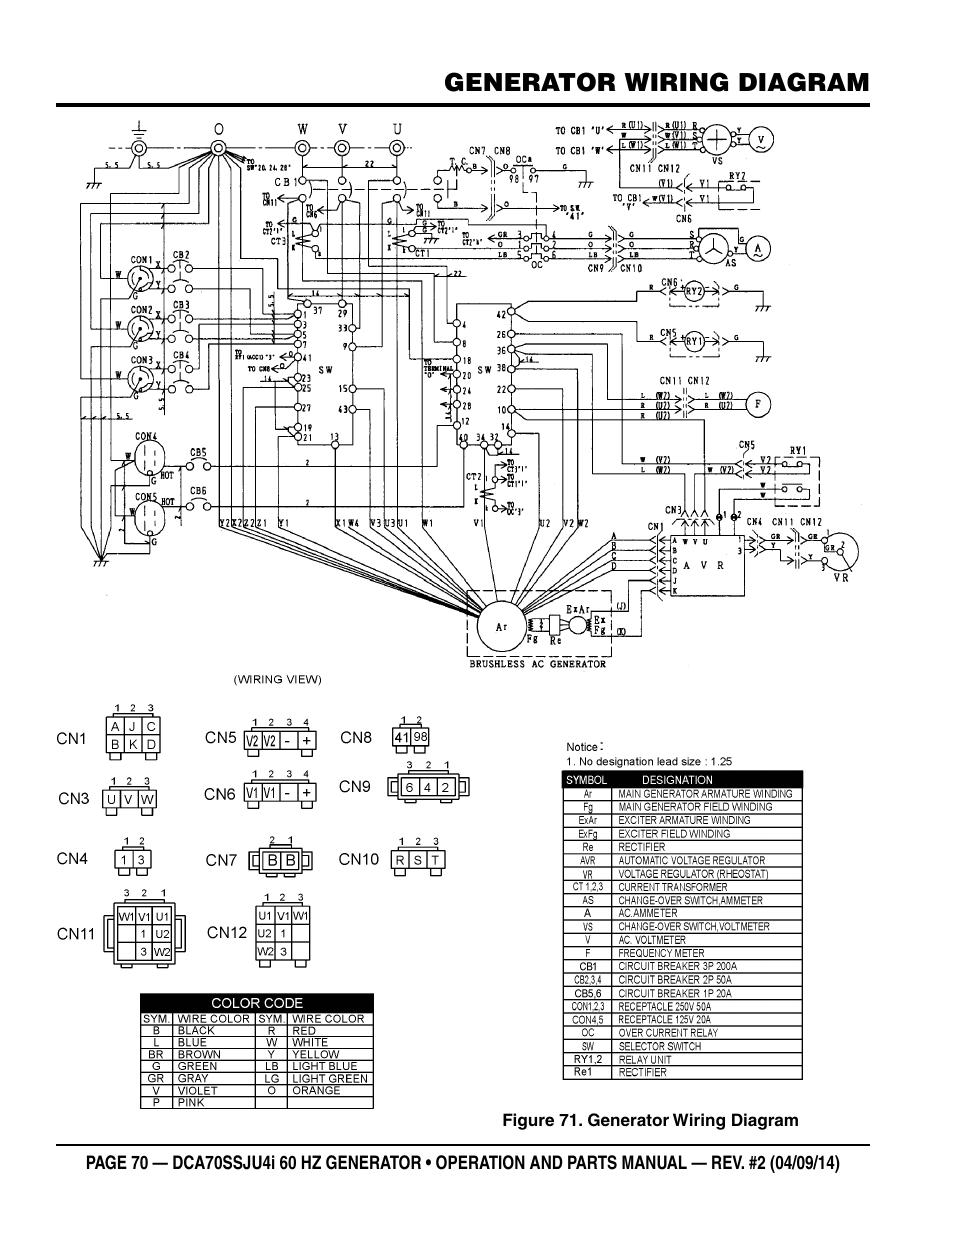 Generator Wiring Diagram Multiquip Dca70ssju4i User Manual Page Brushless 70 120